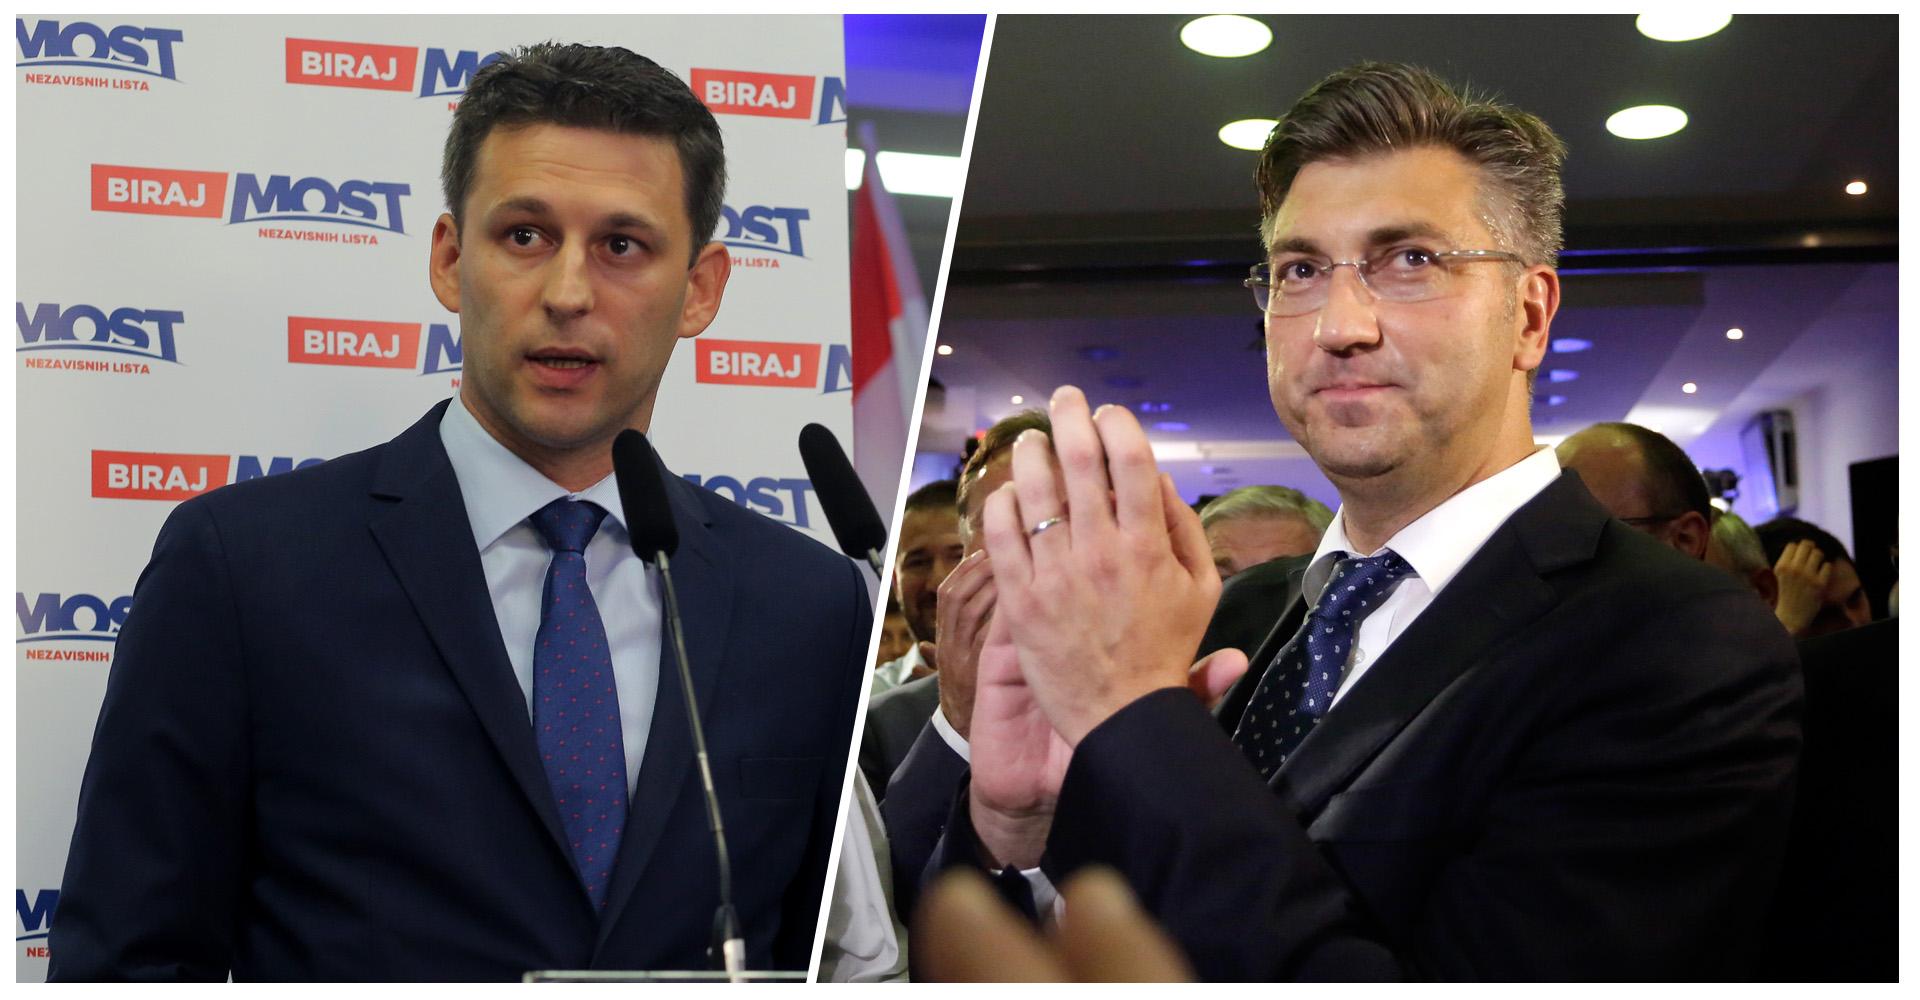 SLOVENSKI MEDIJI Most je opet stranka bez koje je sastavljanje nove vlade skoro nemoguća misija